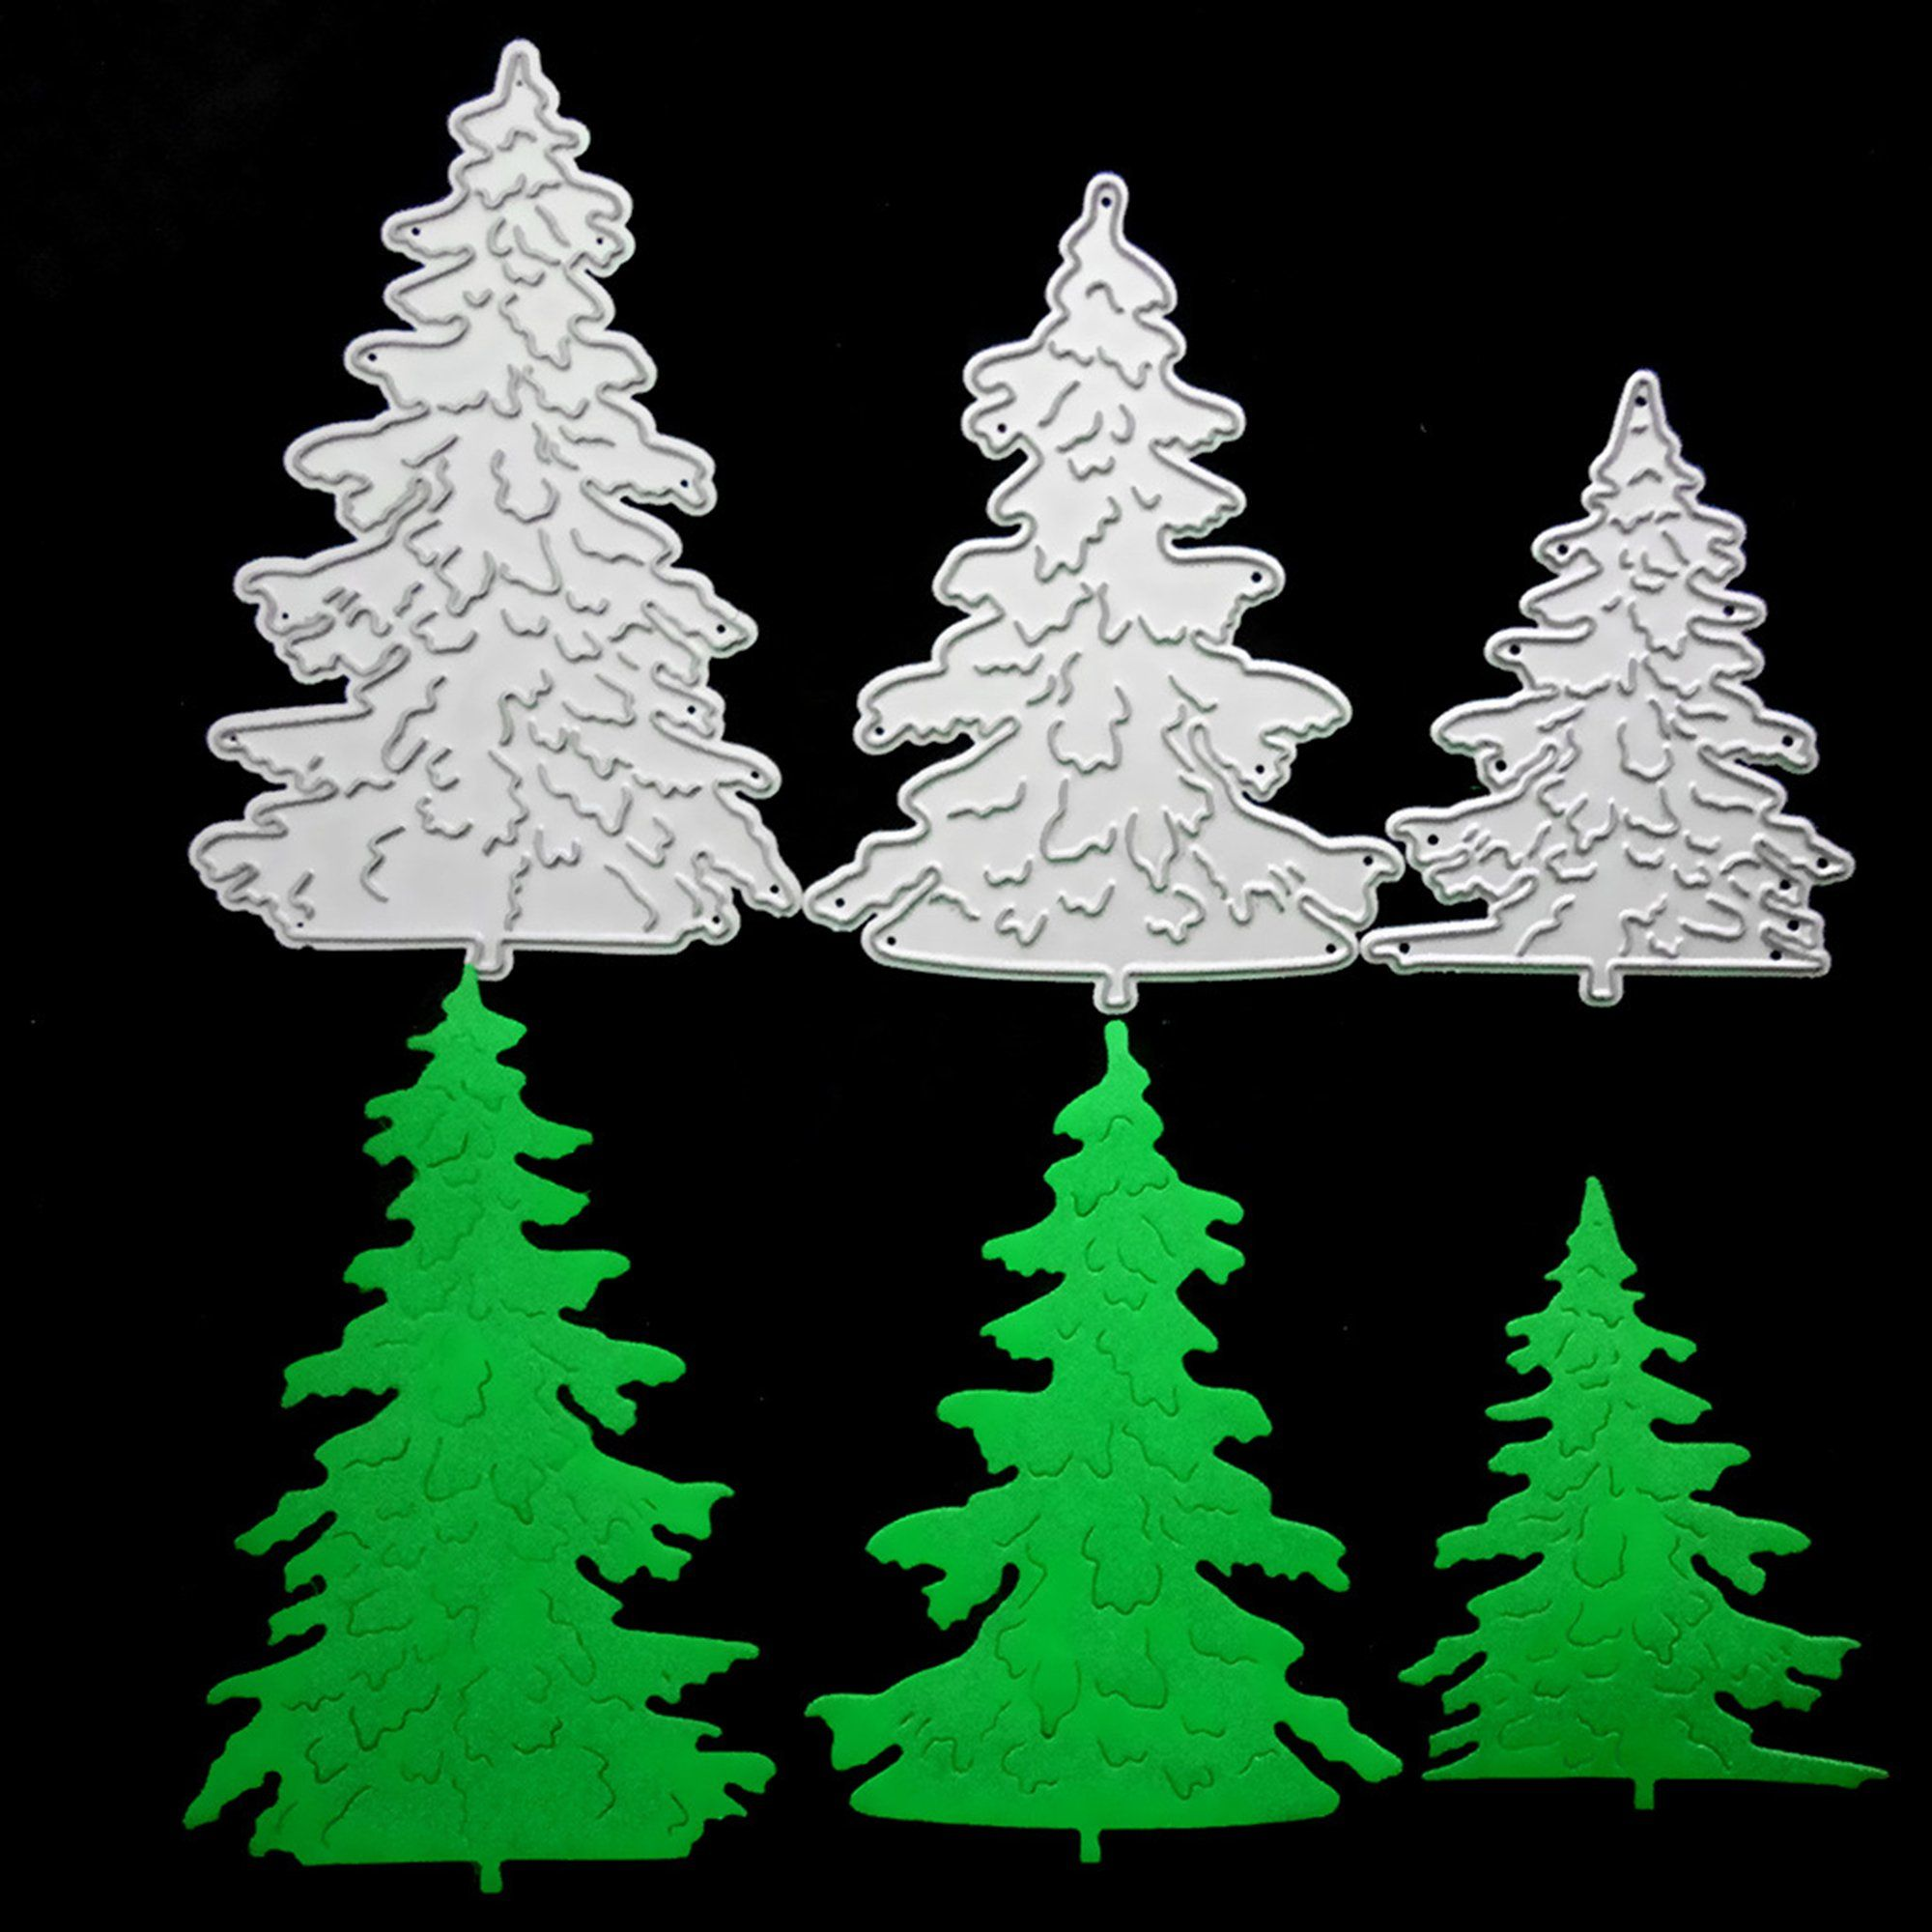 Tree house Metal cuttind die Craft stencil Fairy house Cardmaking Halloween DIY